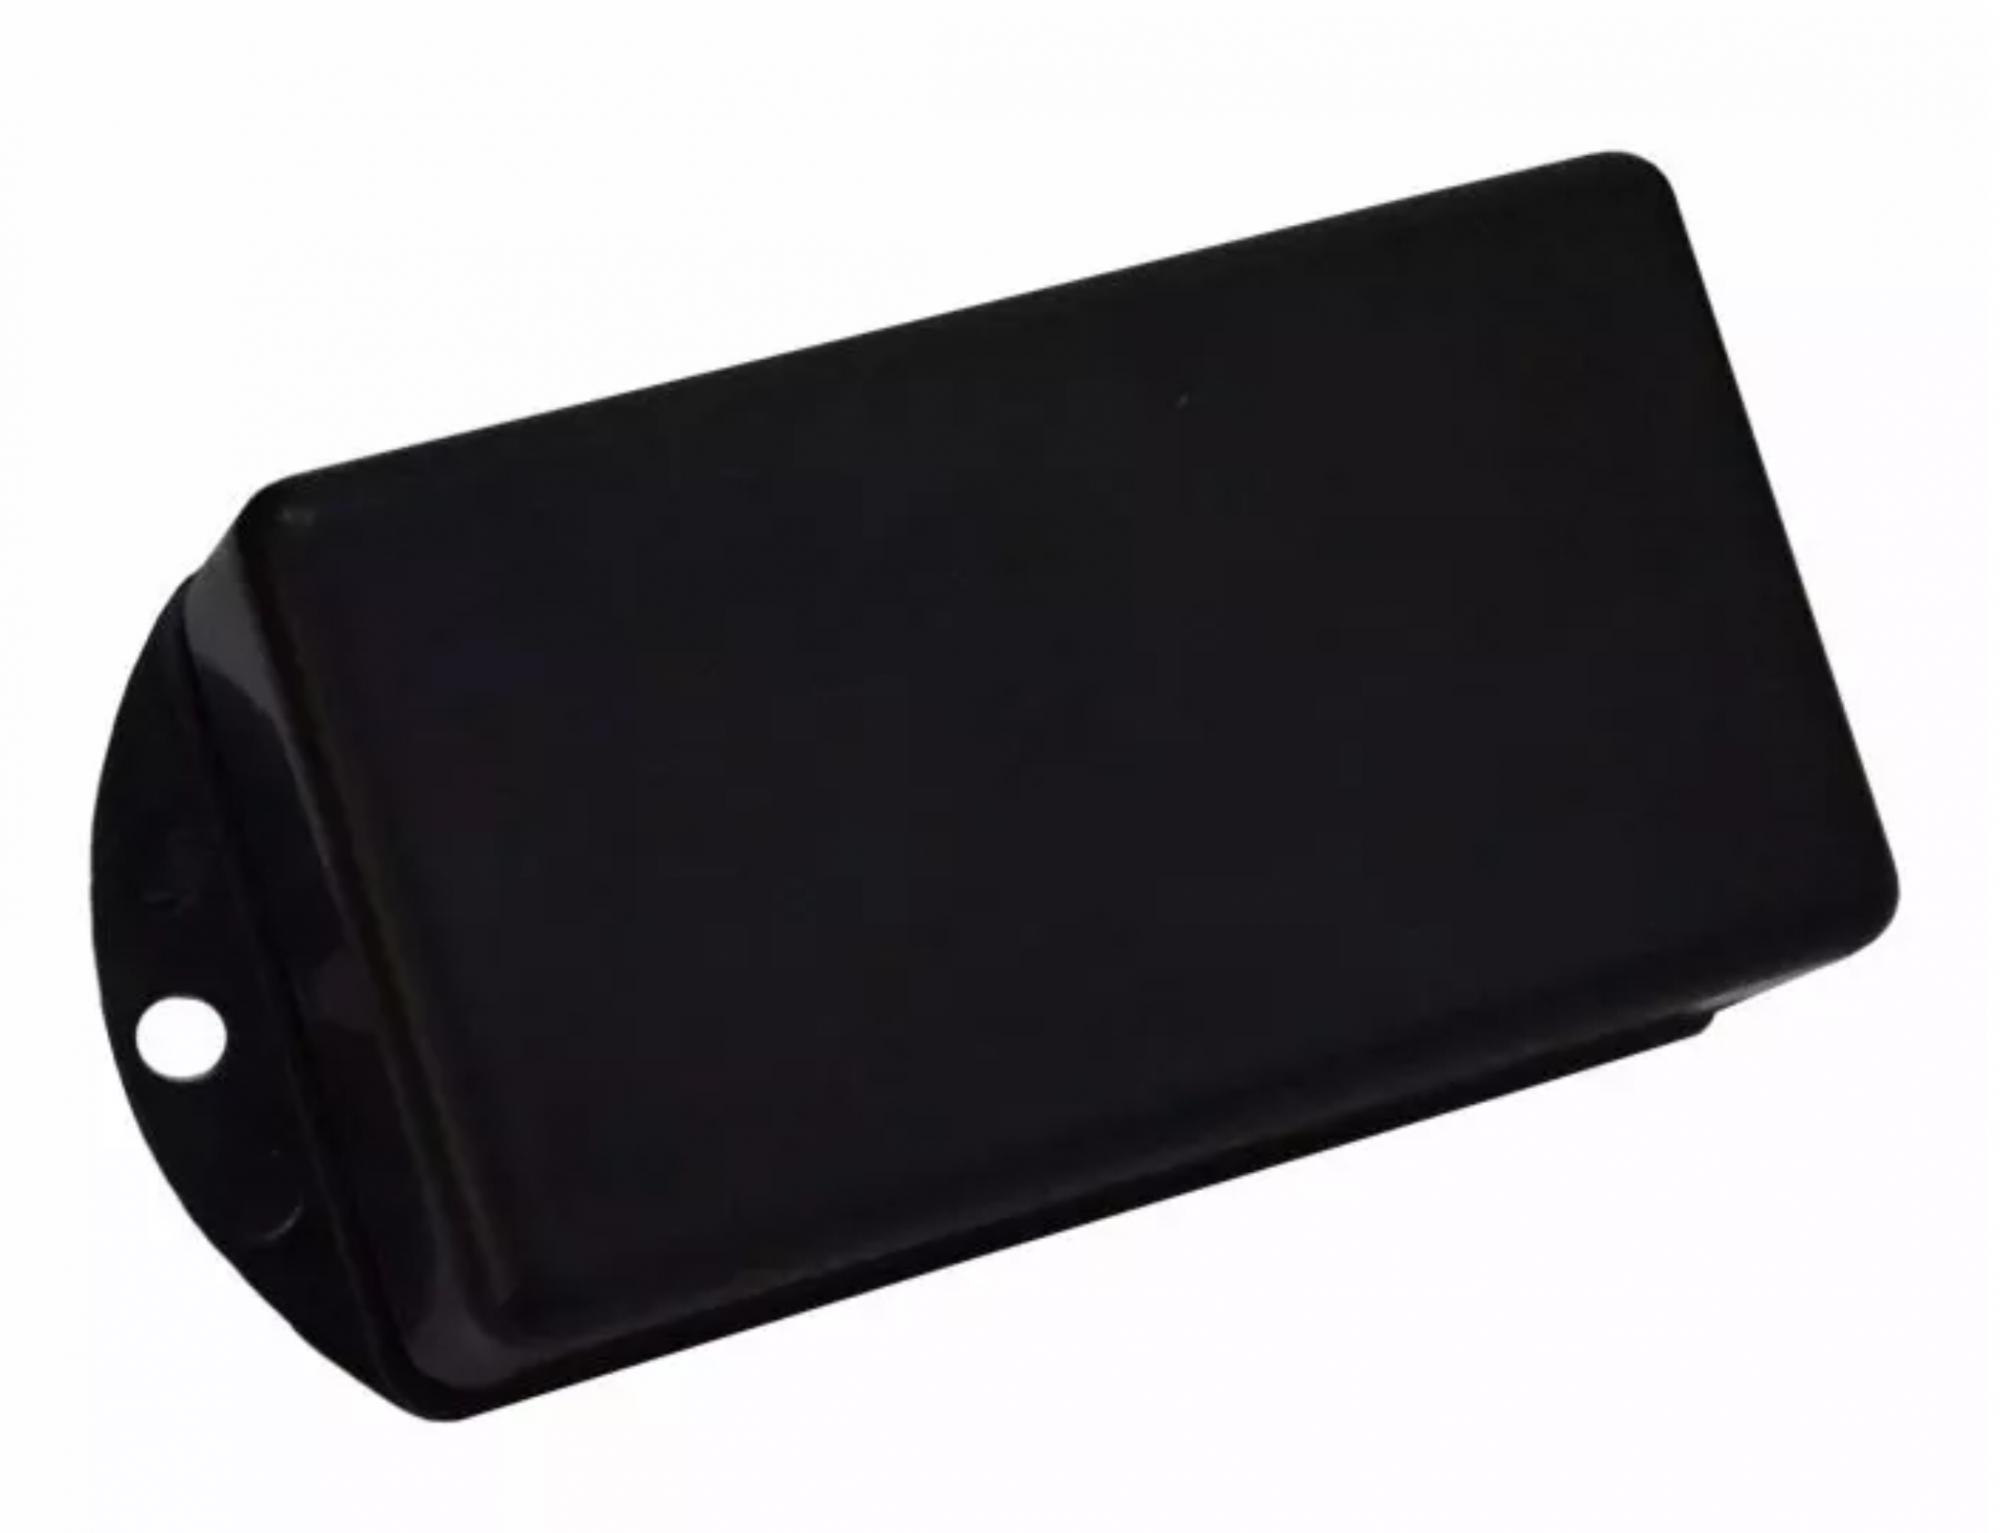 Kit 2 Trava Eletrica Para Portão Eco Lock Ipec Com Temporizador 220v